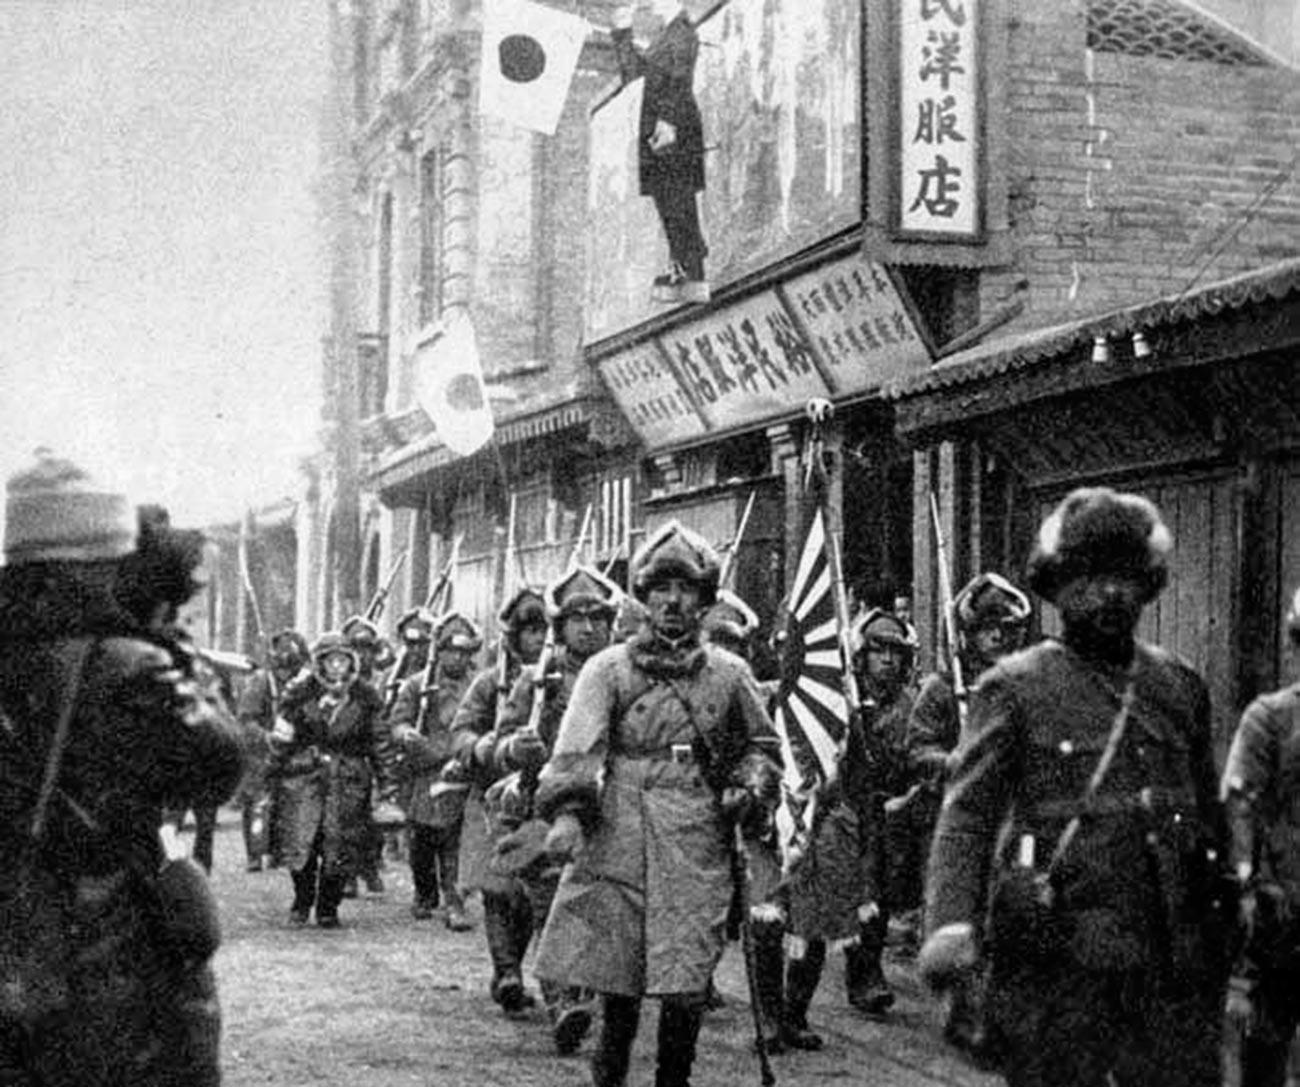 Tropas japonesas entrando en Chinchow